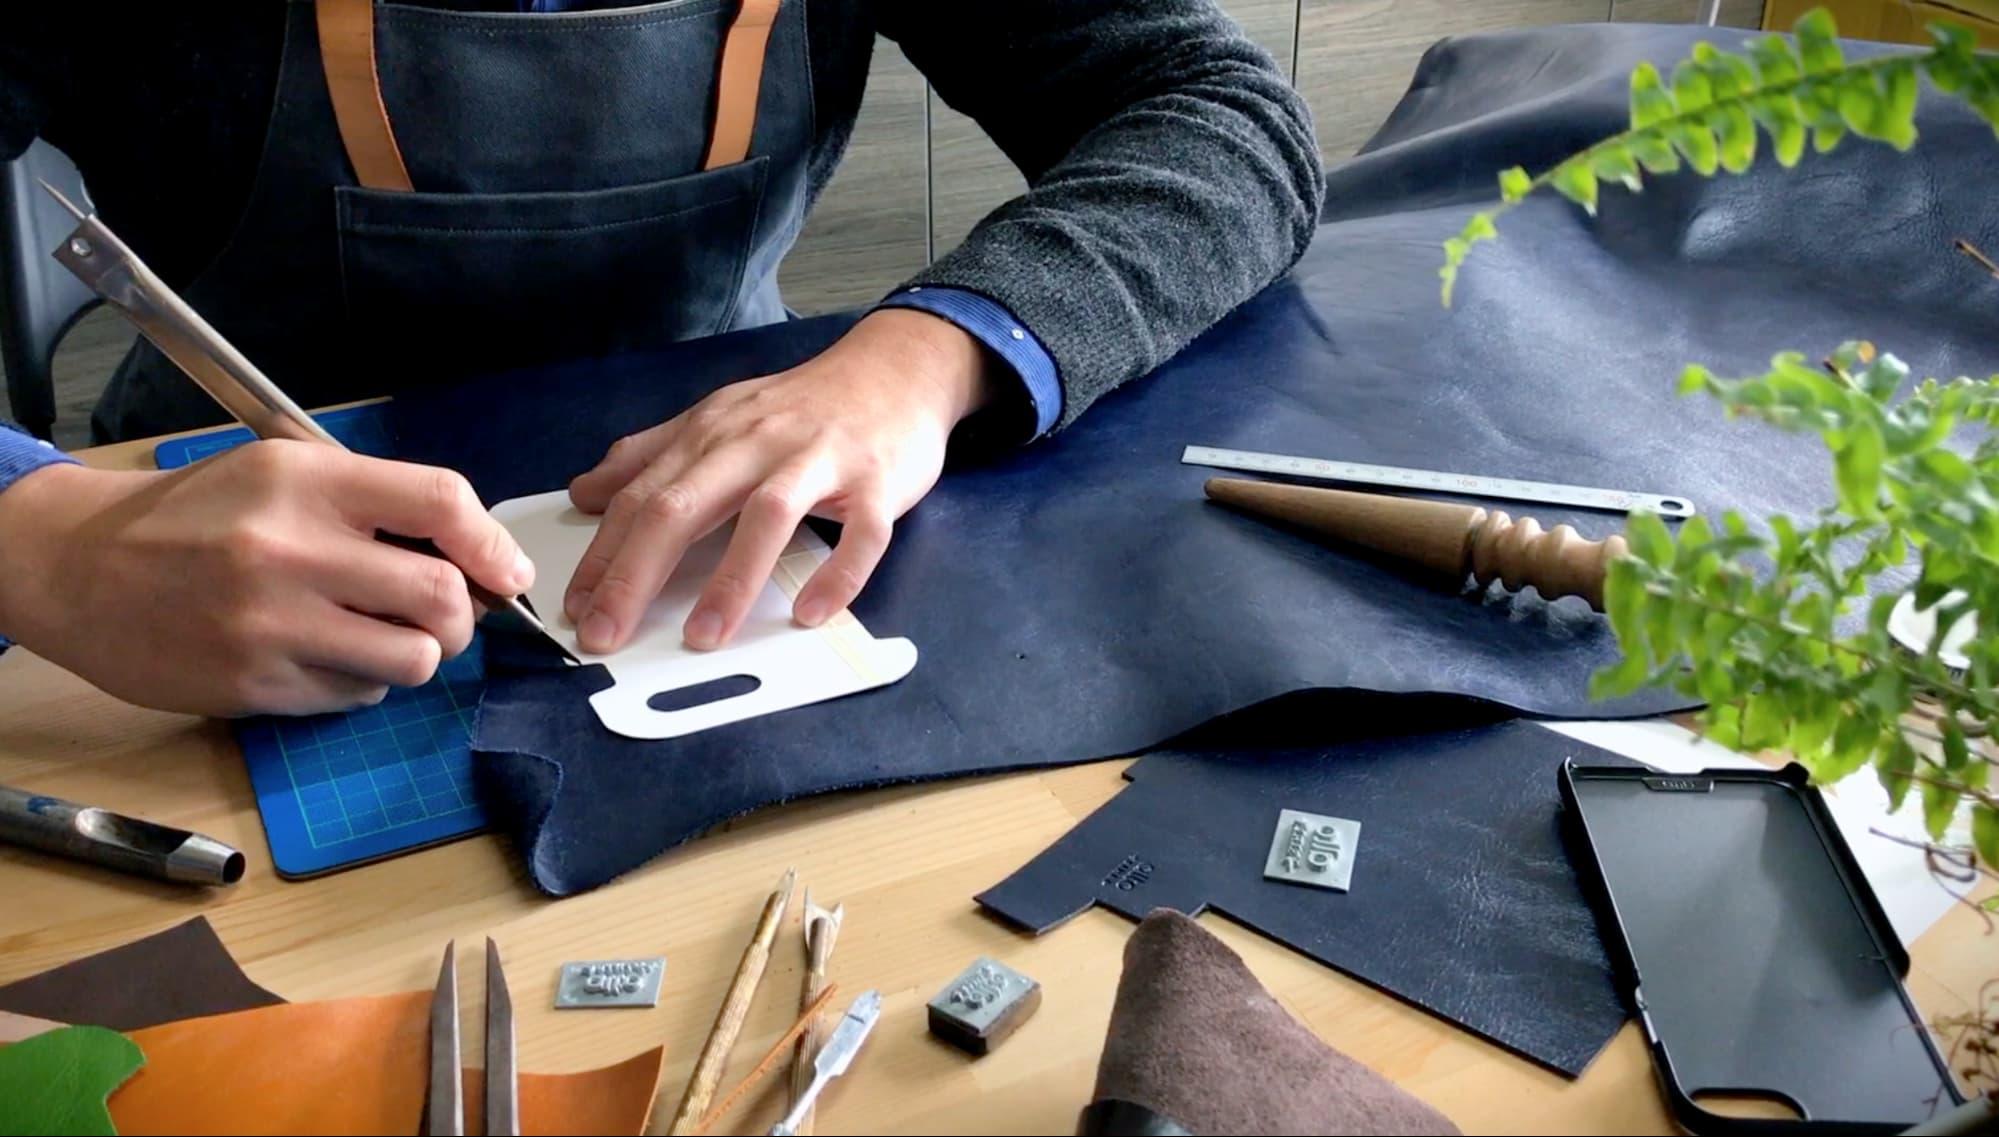 Alto AirPods 皮革保護套開箱,設計、文青必備高質感保護殼